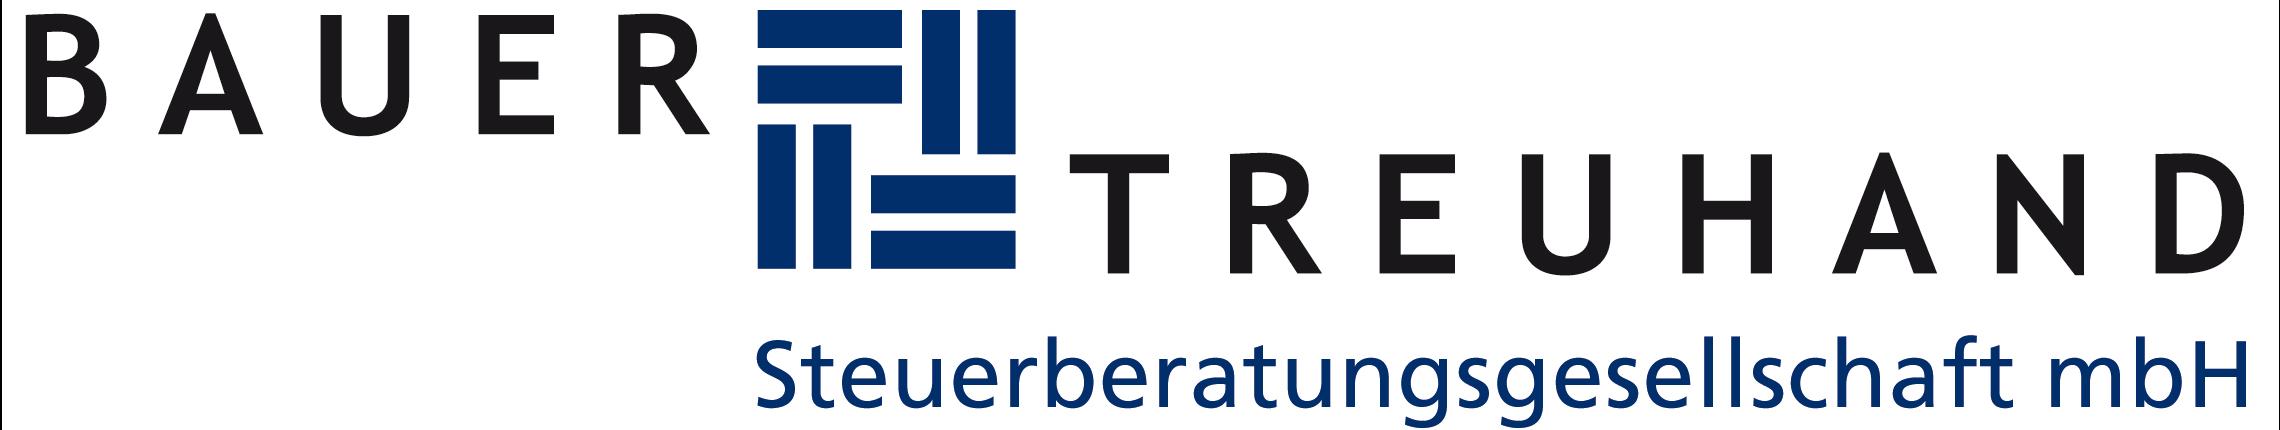 Bauer Treuhand - Ihr Steuerberater in Deggendorf